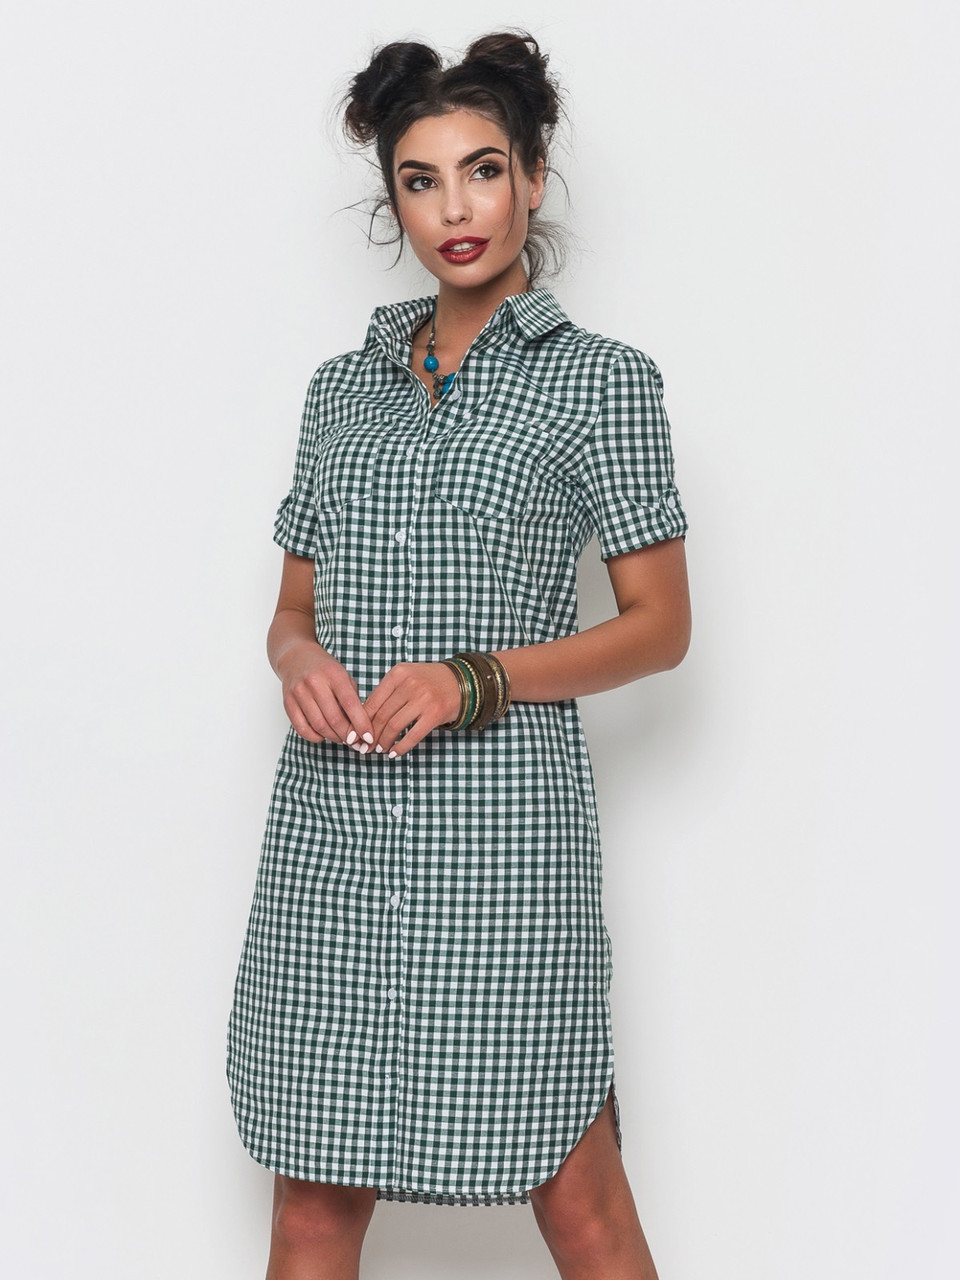 Стильное женское платье-рубашка в клетку р.44 e69130b7c0858